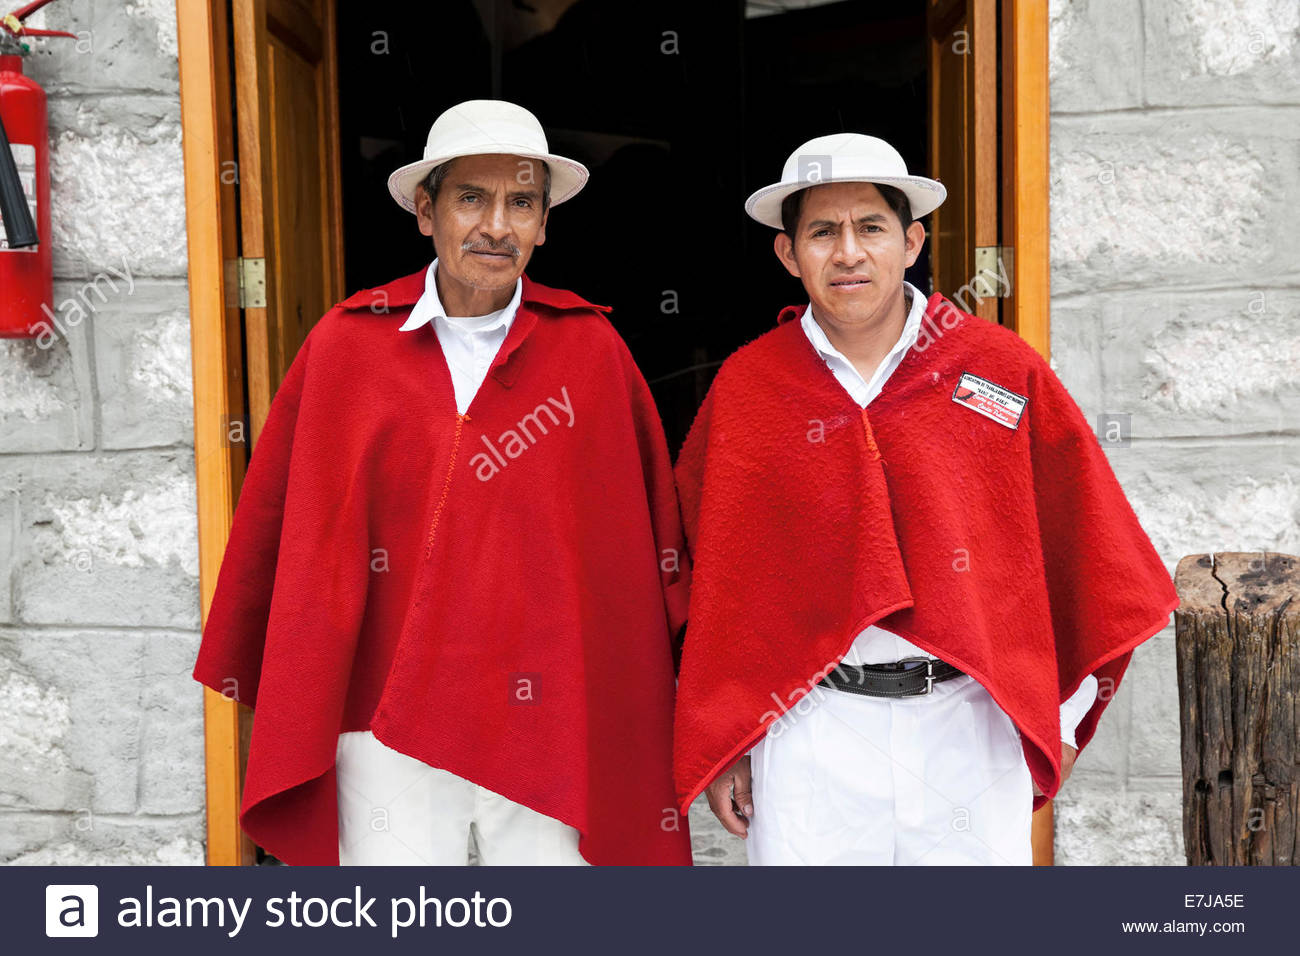 Men wearing red ponchos, Ecuador Stock Photo